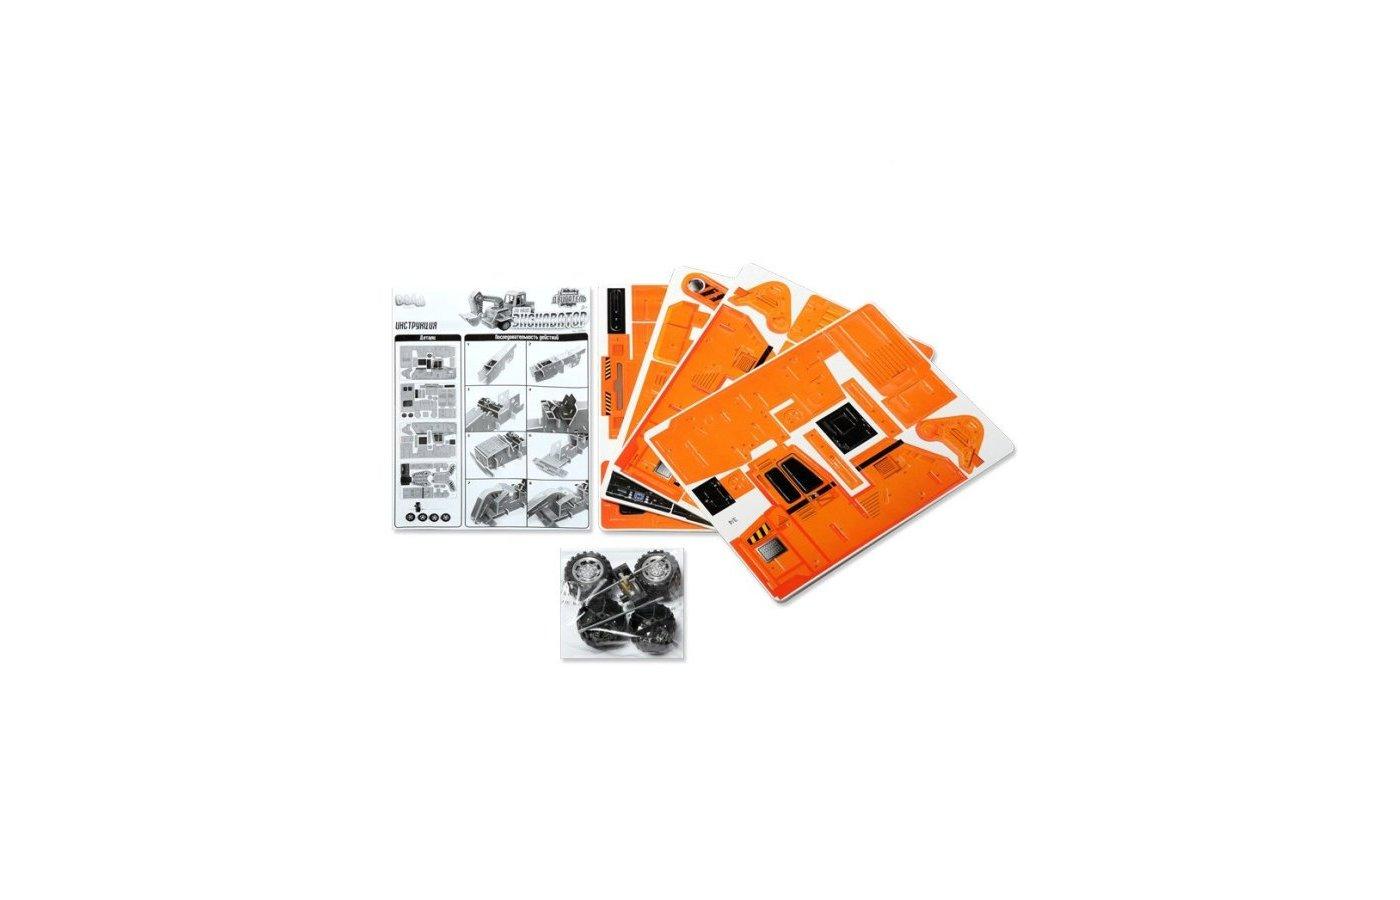 Конструктор Bebelot Basic ВВА0712-109 3D пазл Экскаватор